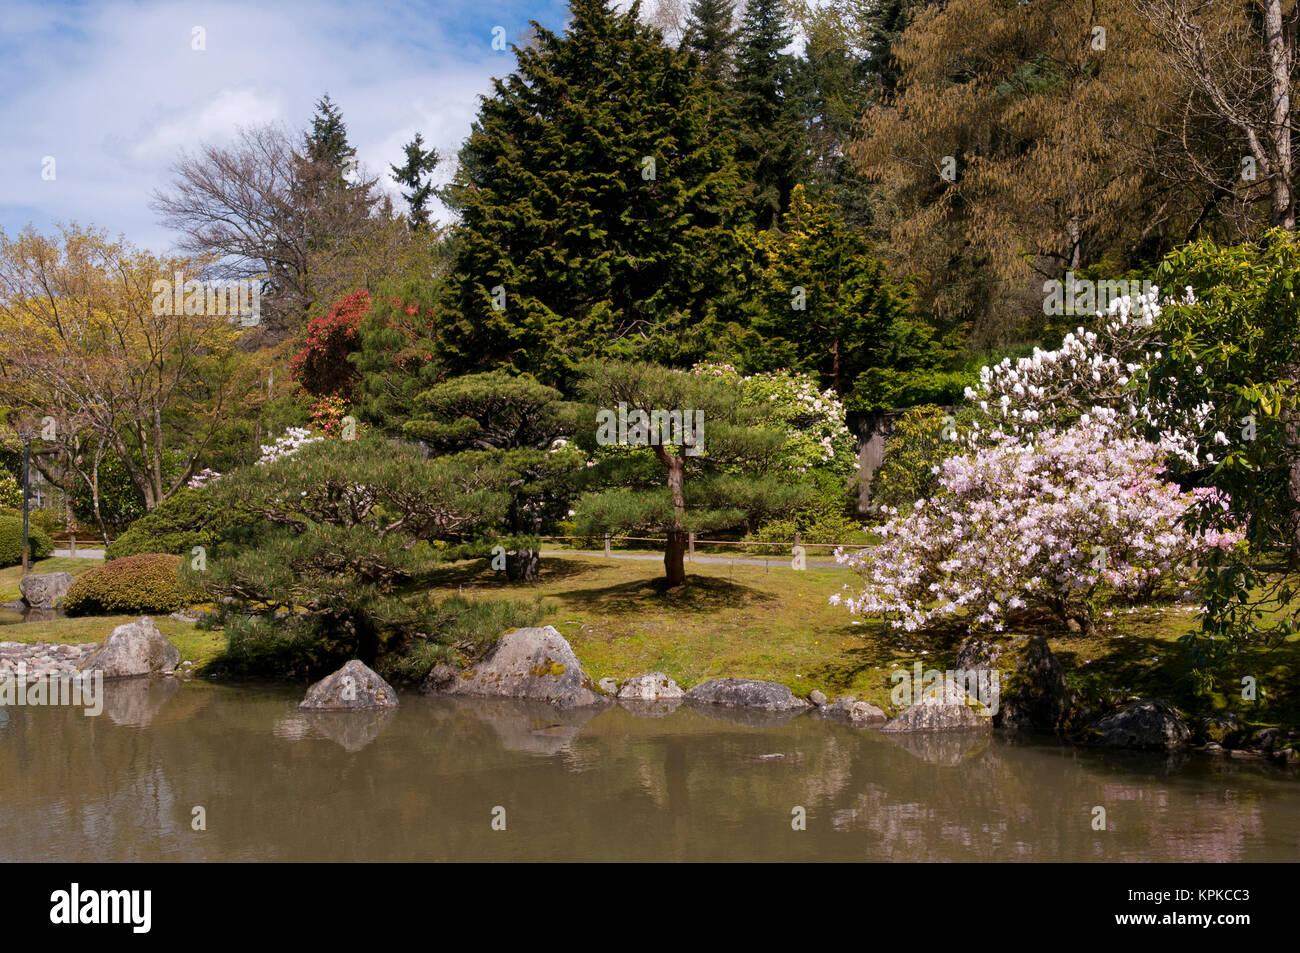 USA, WA, Seattle. Japanese Gardens part of Washington Park Arboretum ...